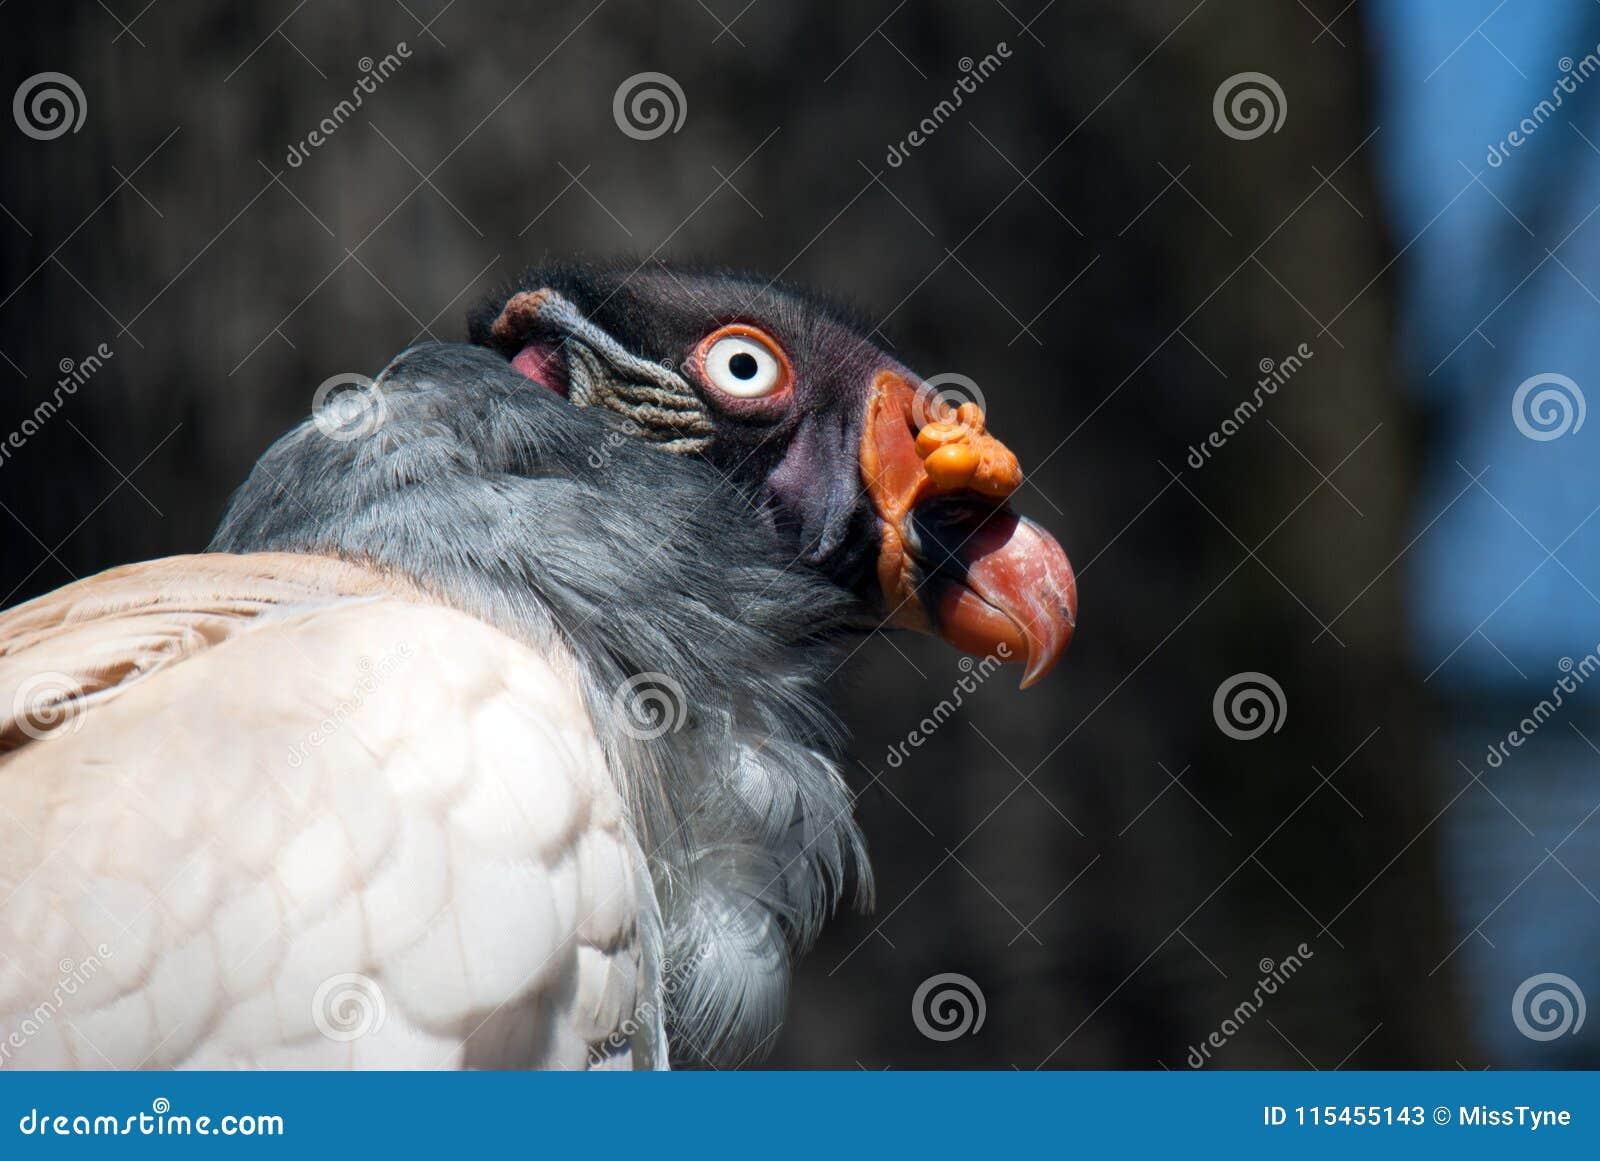 巨雕鸟的画象